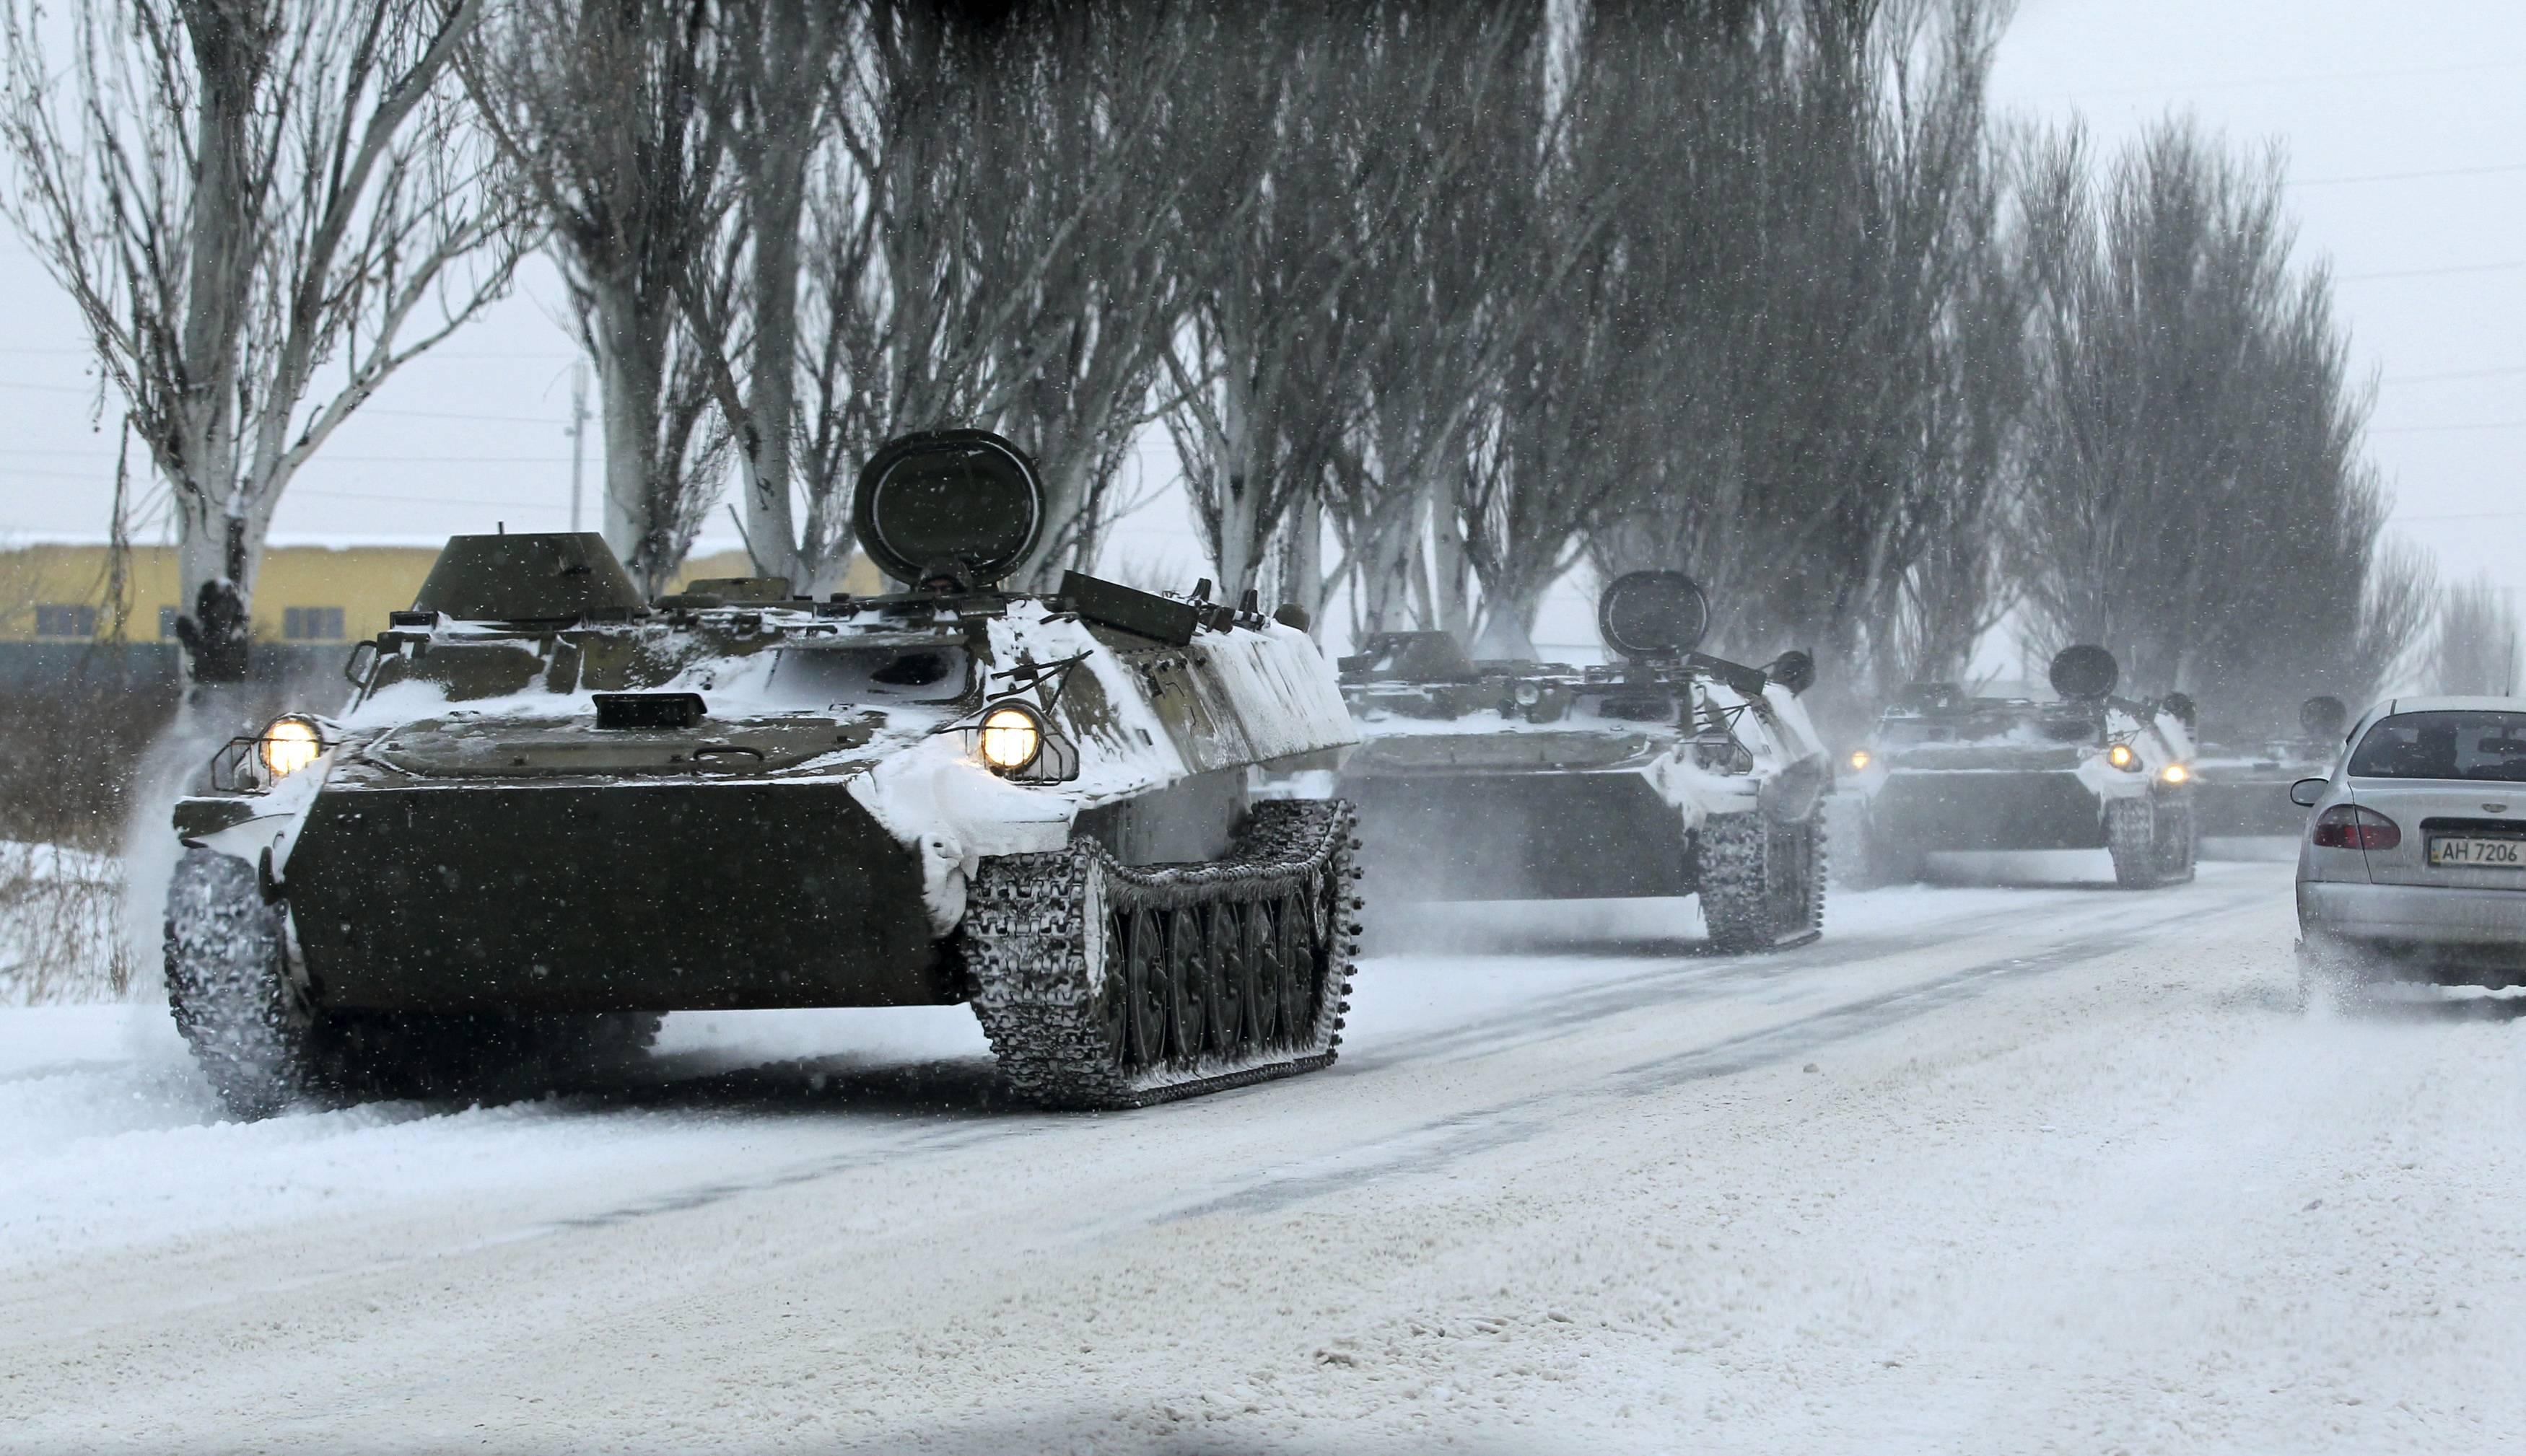 В Украину вторглись еще 2 тысячи военных РФ с техникой – Порошенко